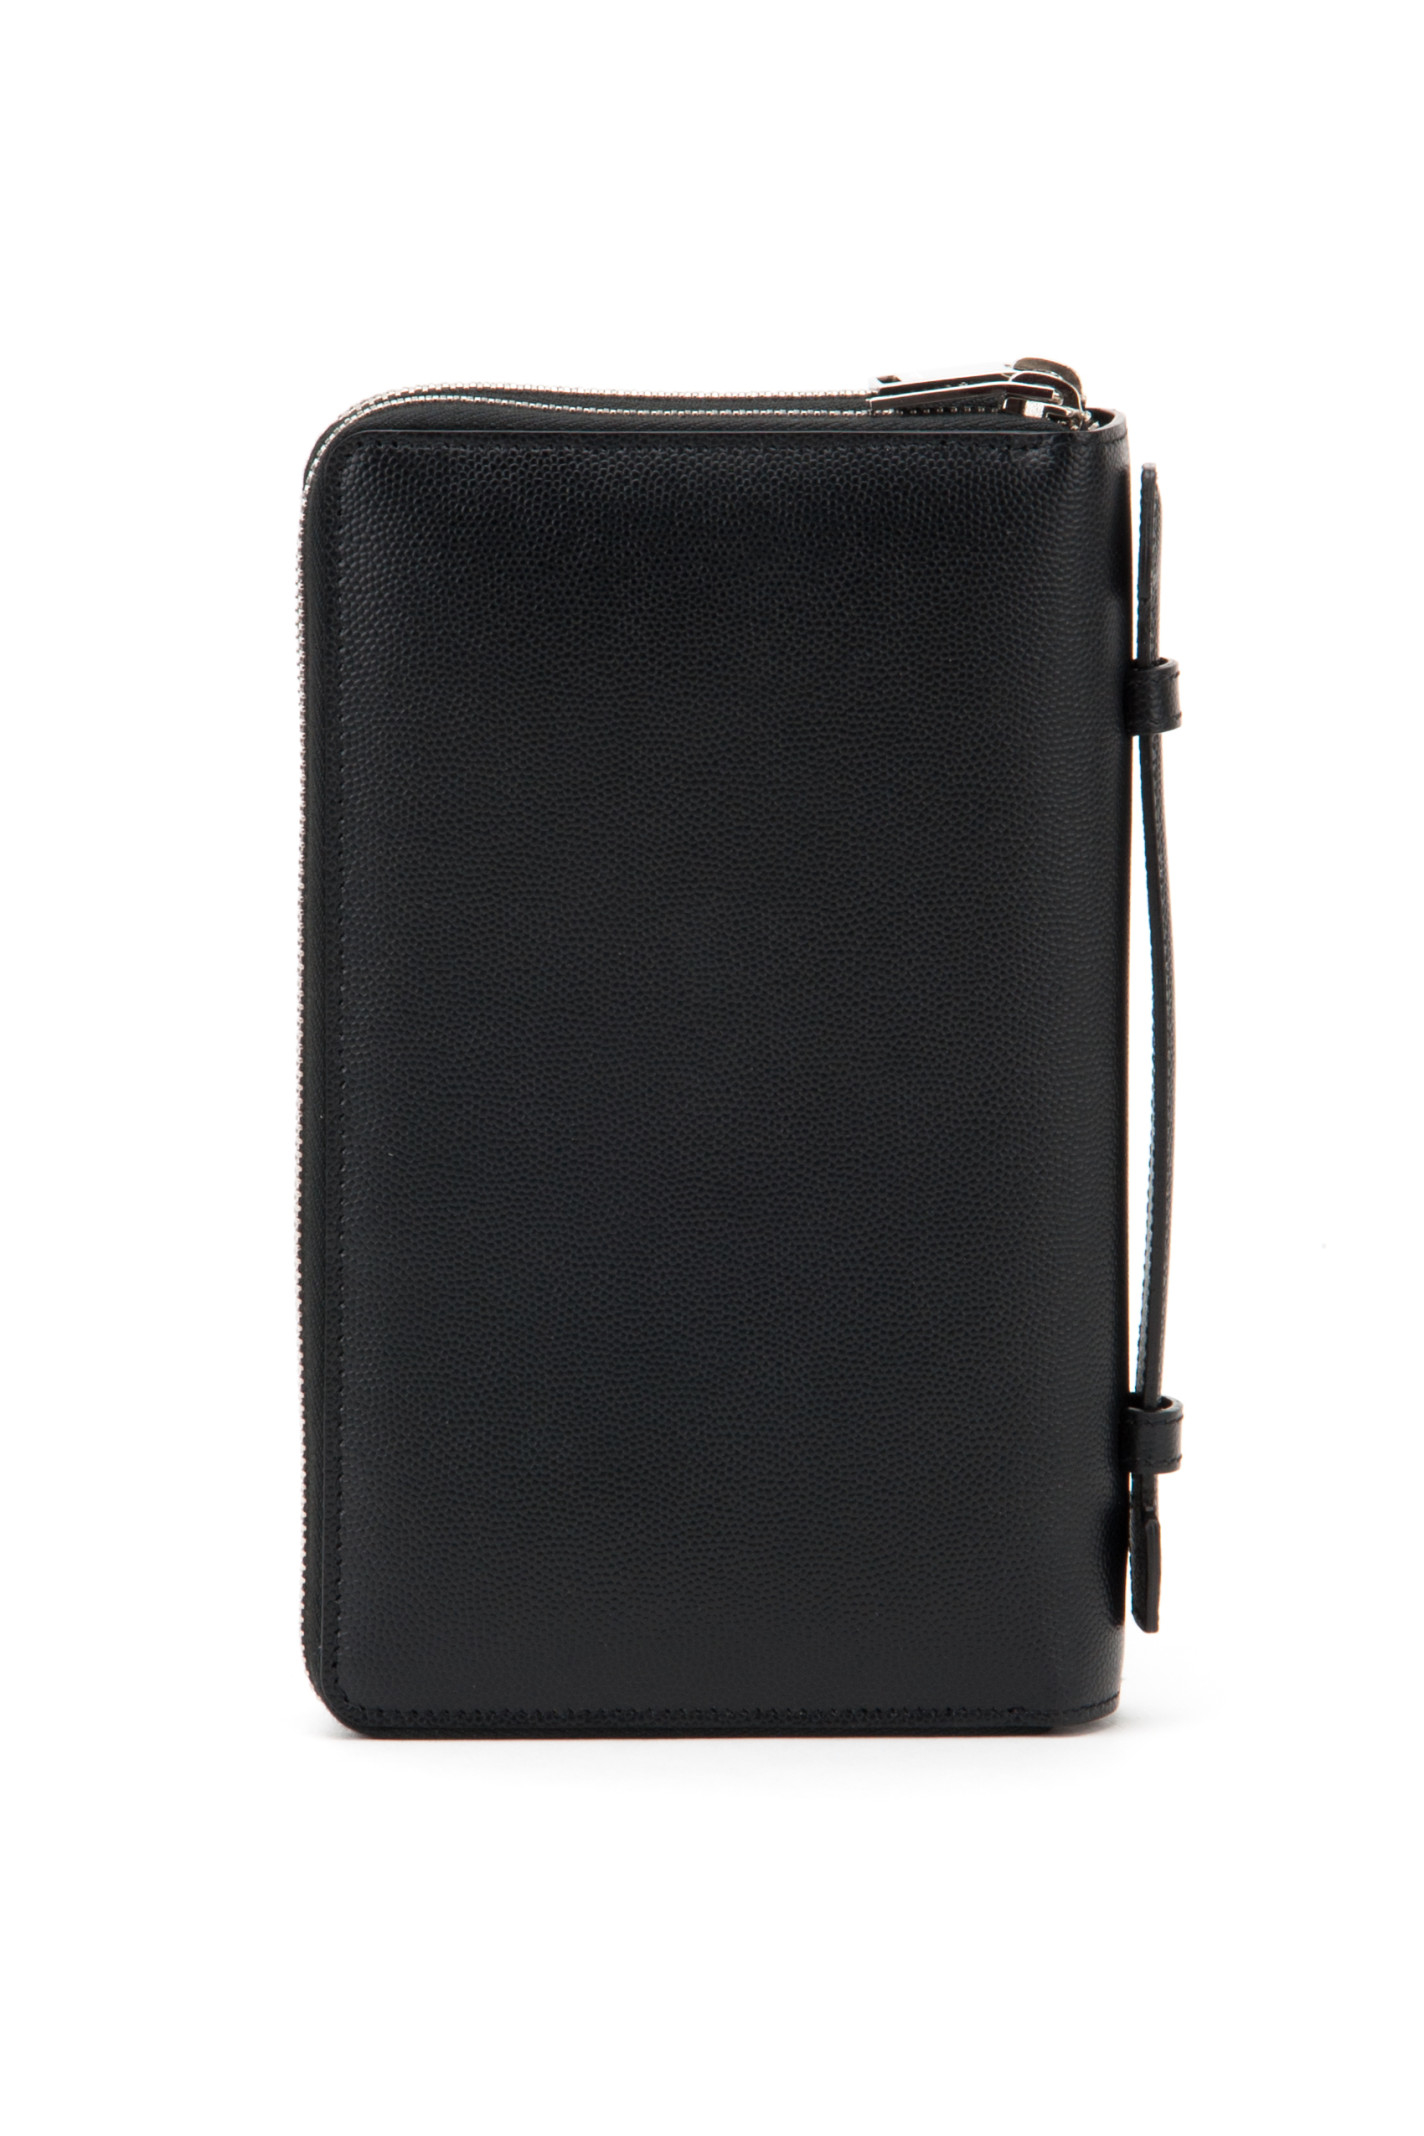 Saint laurent Ysl Grain De Poudre Leather Wallet in Black for Men ...